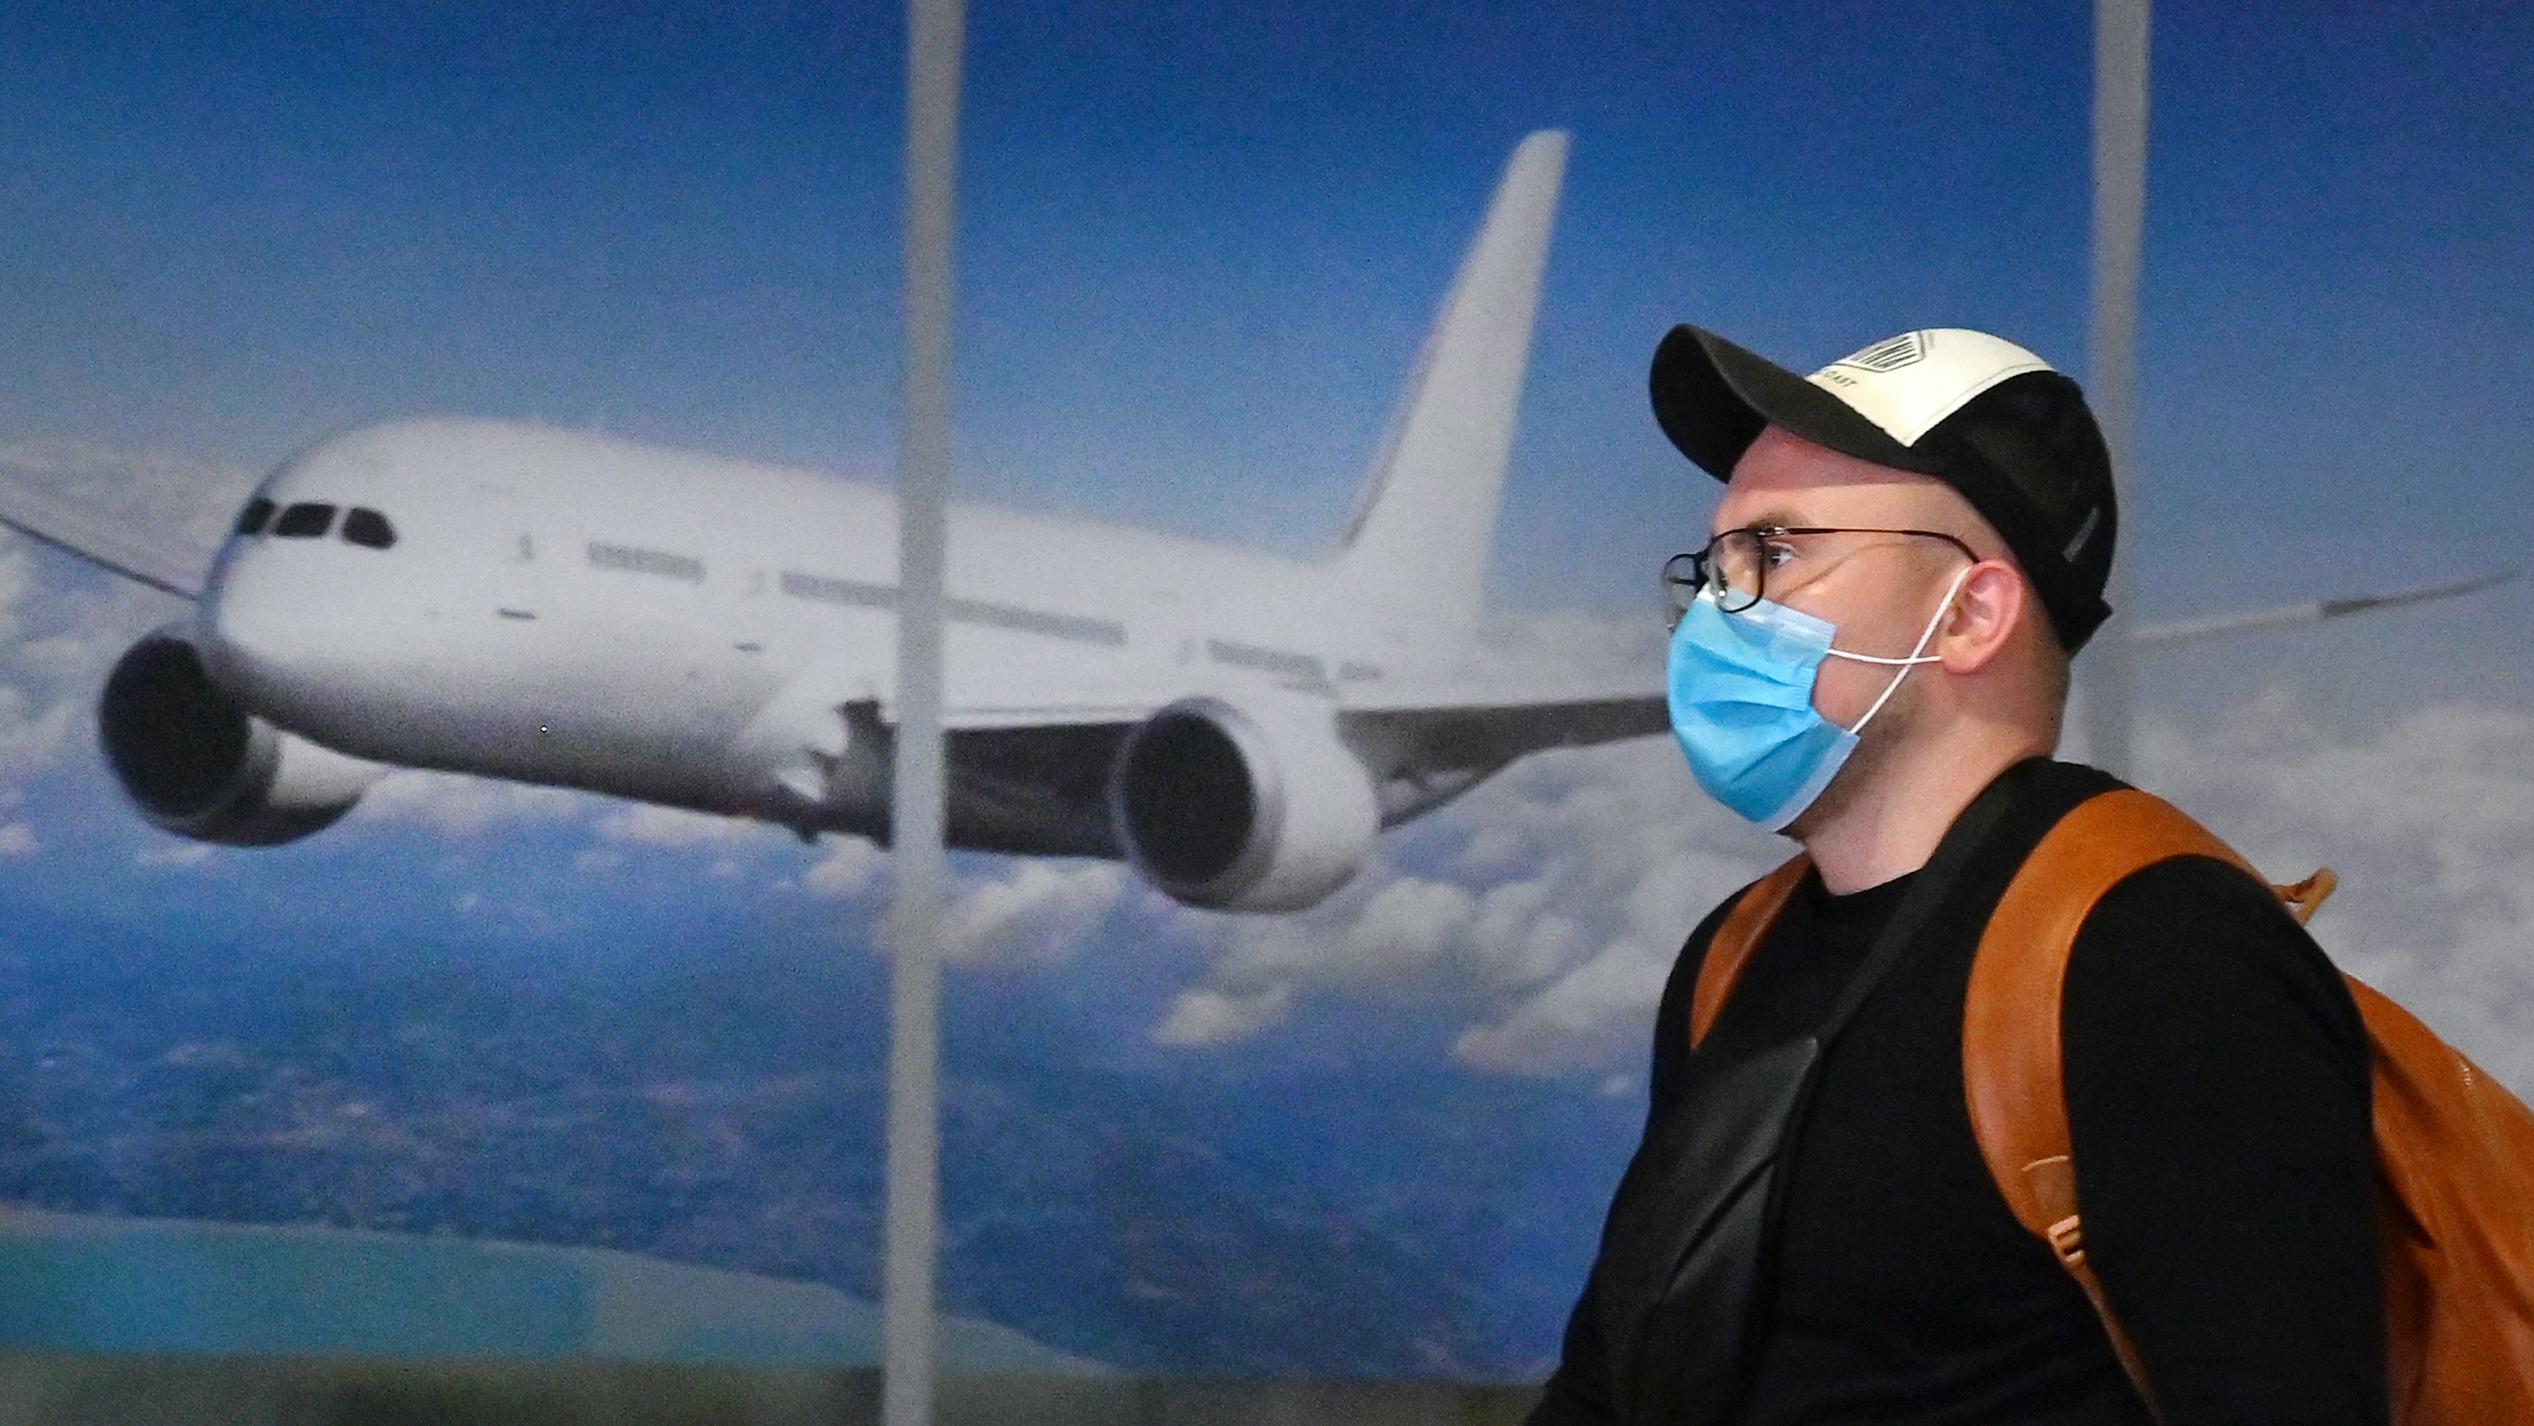 200303124007 coronavirus travel airplane